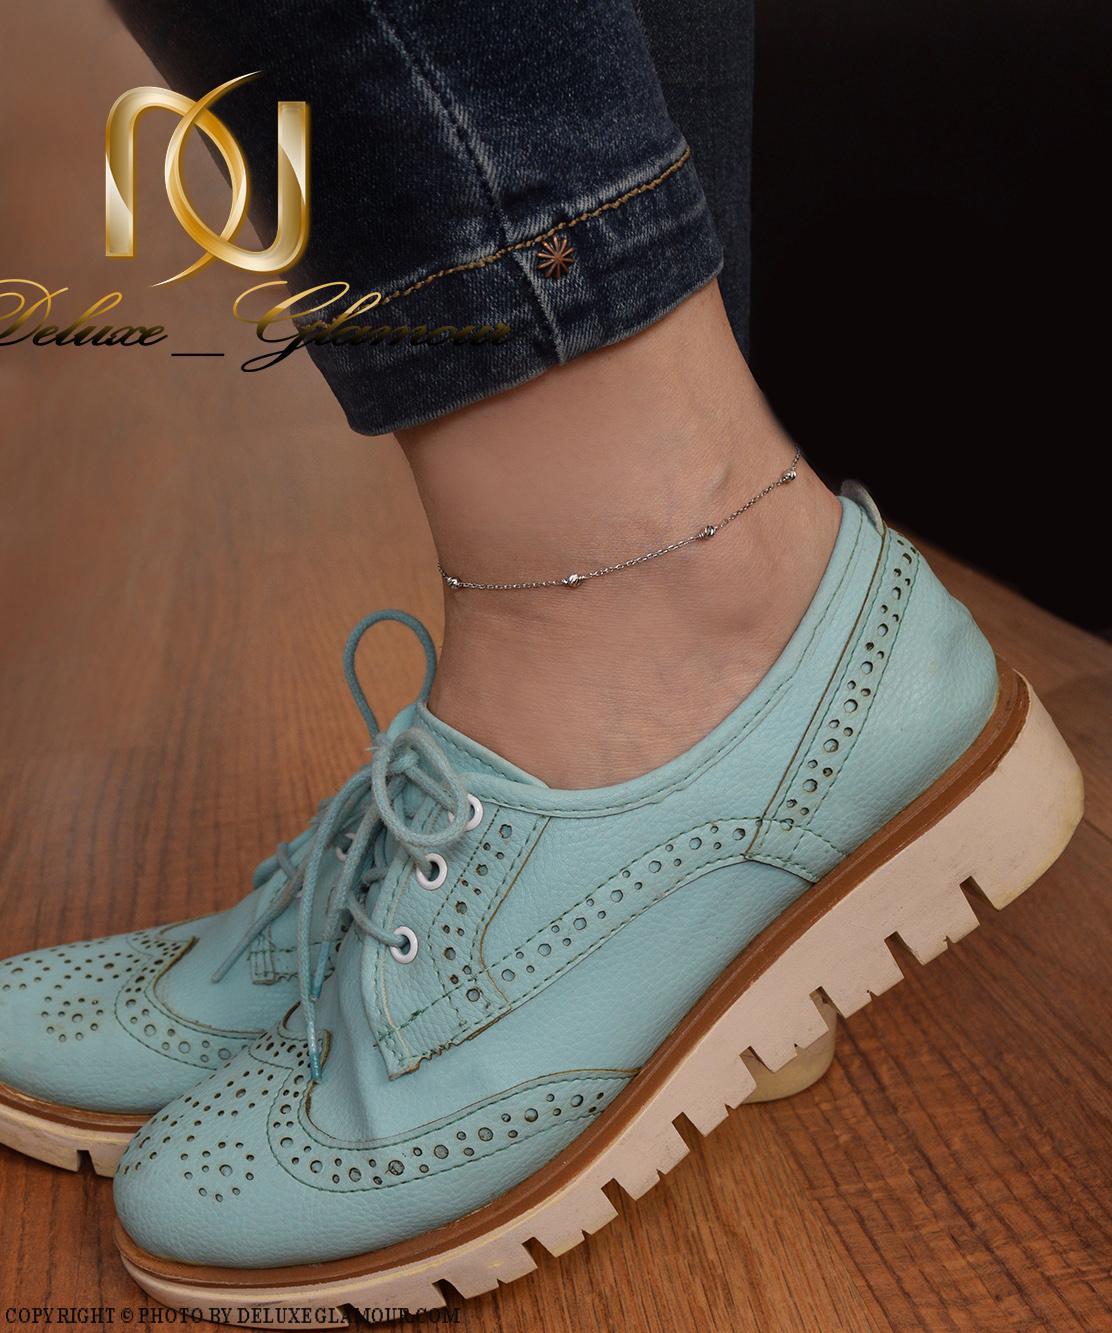 پابند نقره دخترانه ظریف pa-n127 از نمای روی پا